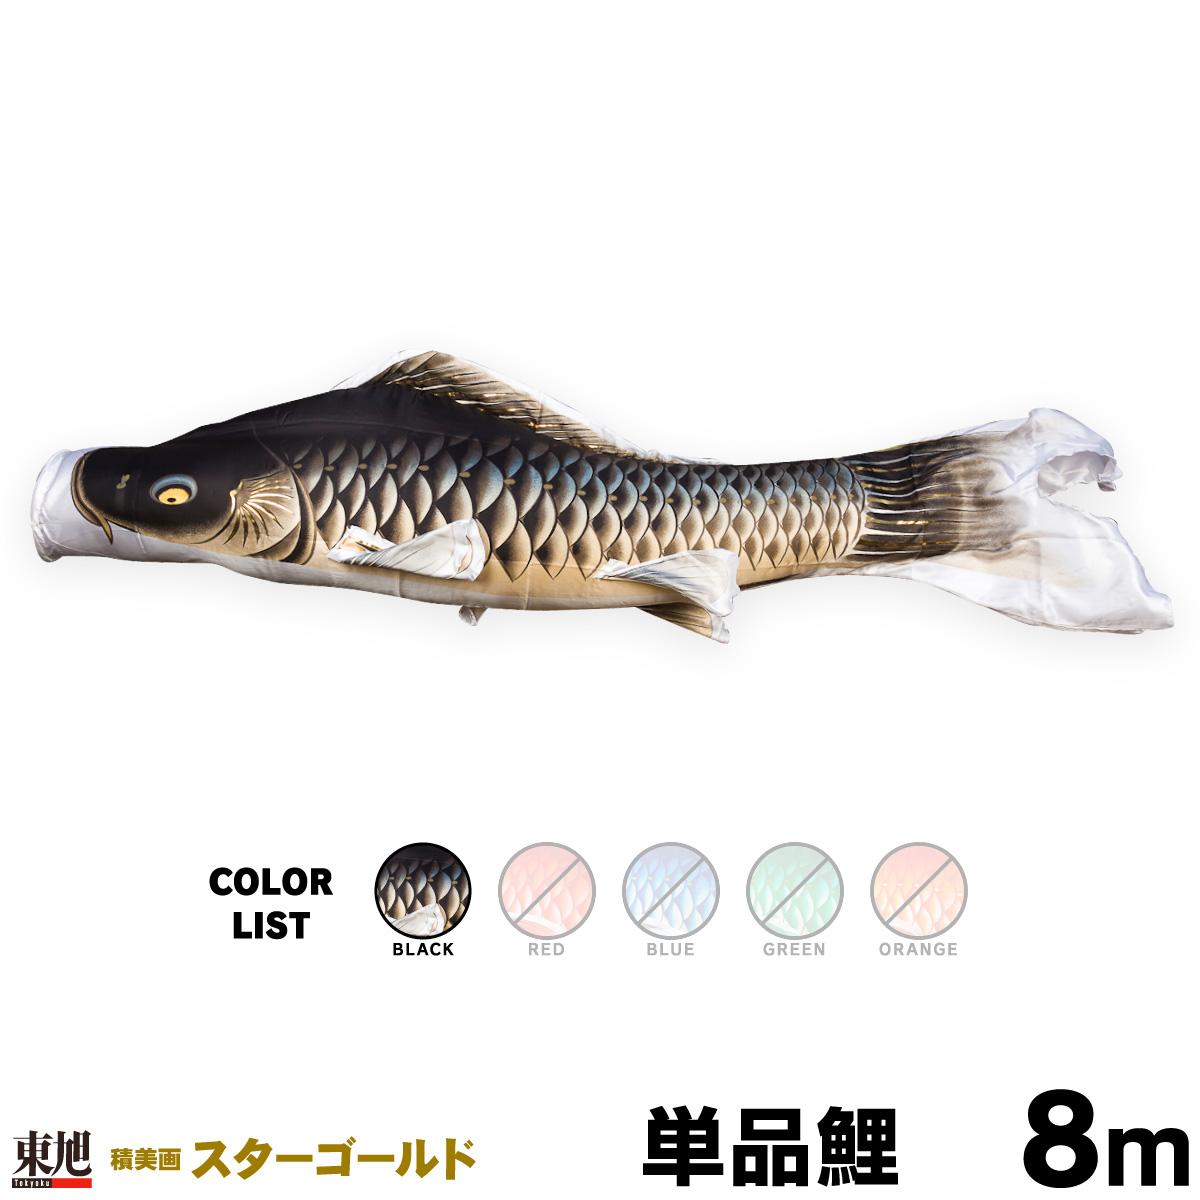 【こいのぼり 単品】 積美画スターゴールド 8m 単品鯉